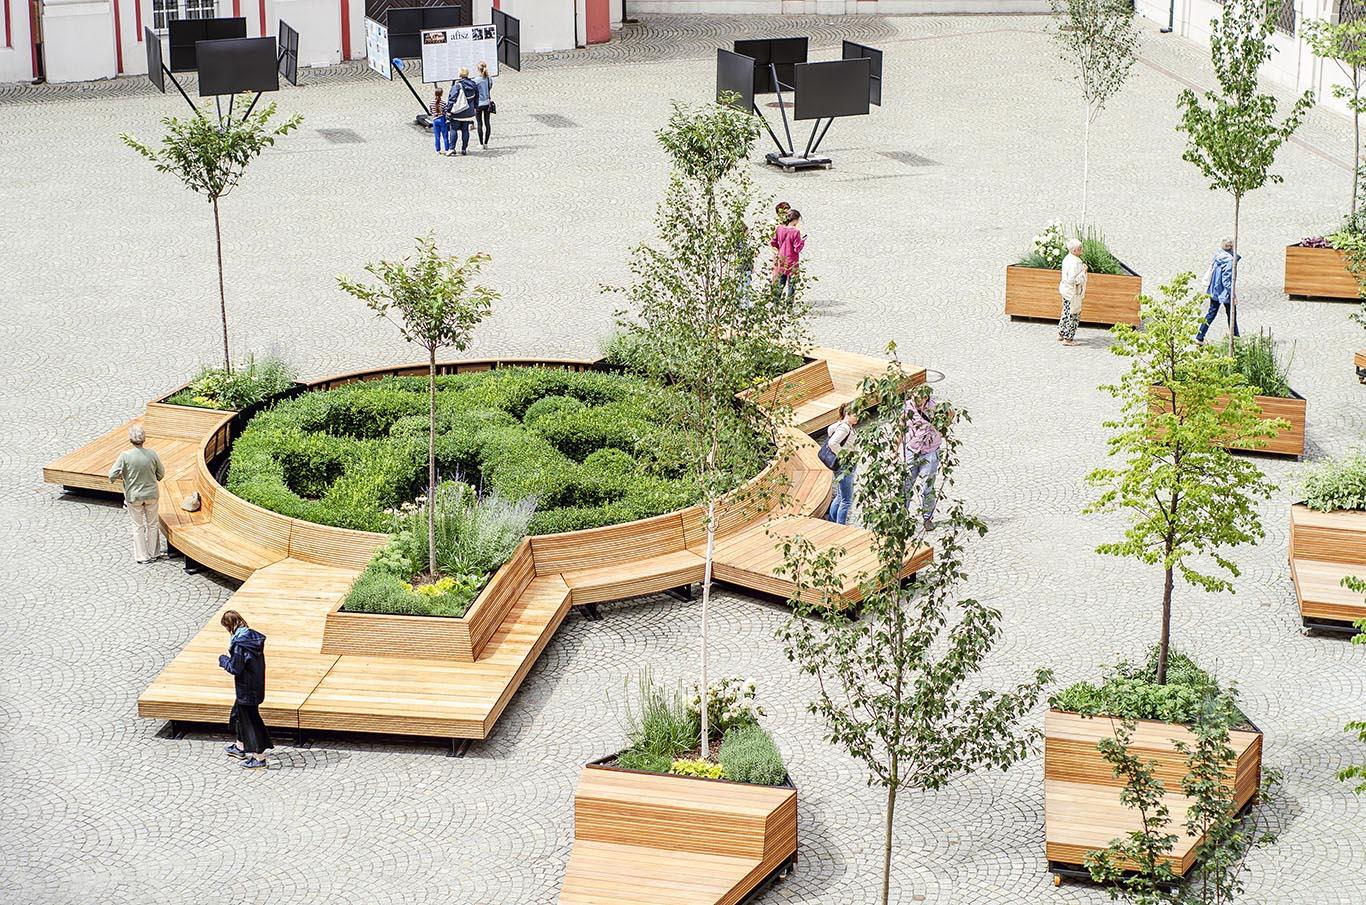 Mobile benches wrap around a circular garden.